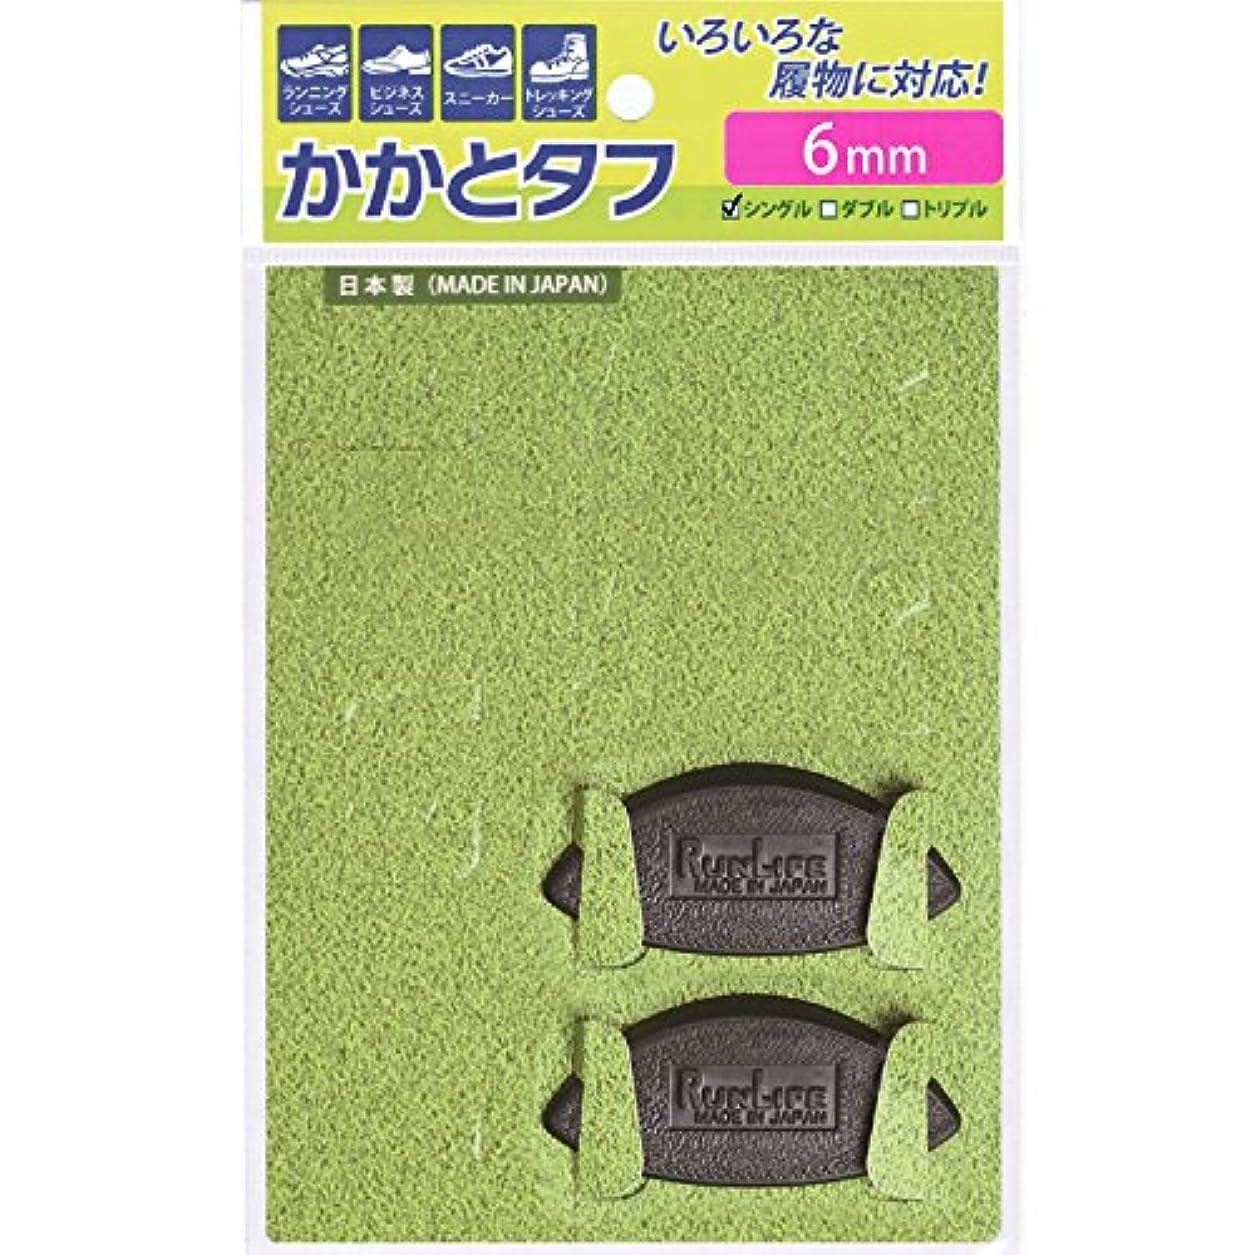 墓る空RunLife(ランライフ) 靴修理 シューズ補修材『 かかとタフ 』 6mm シングル SKT-6M